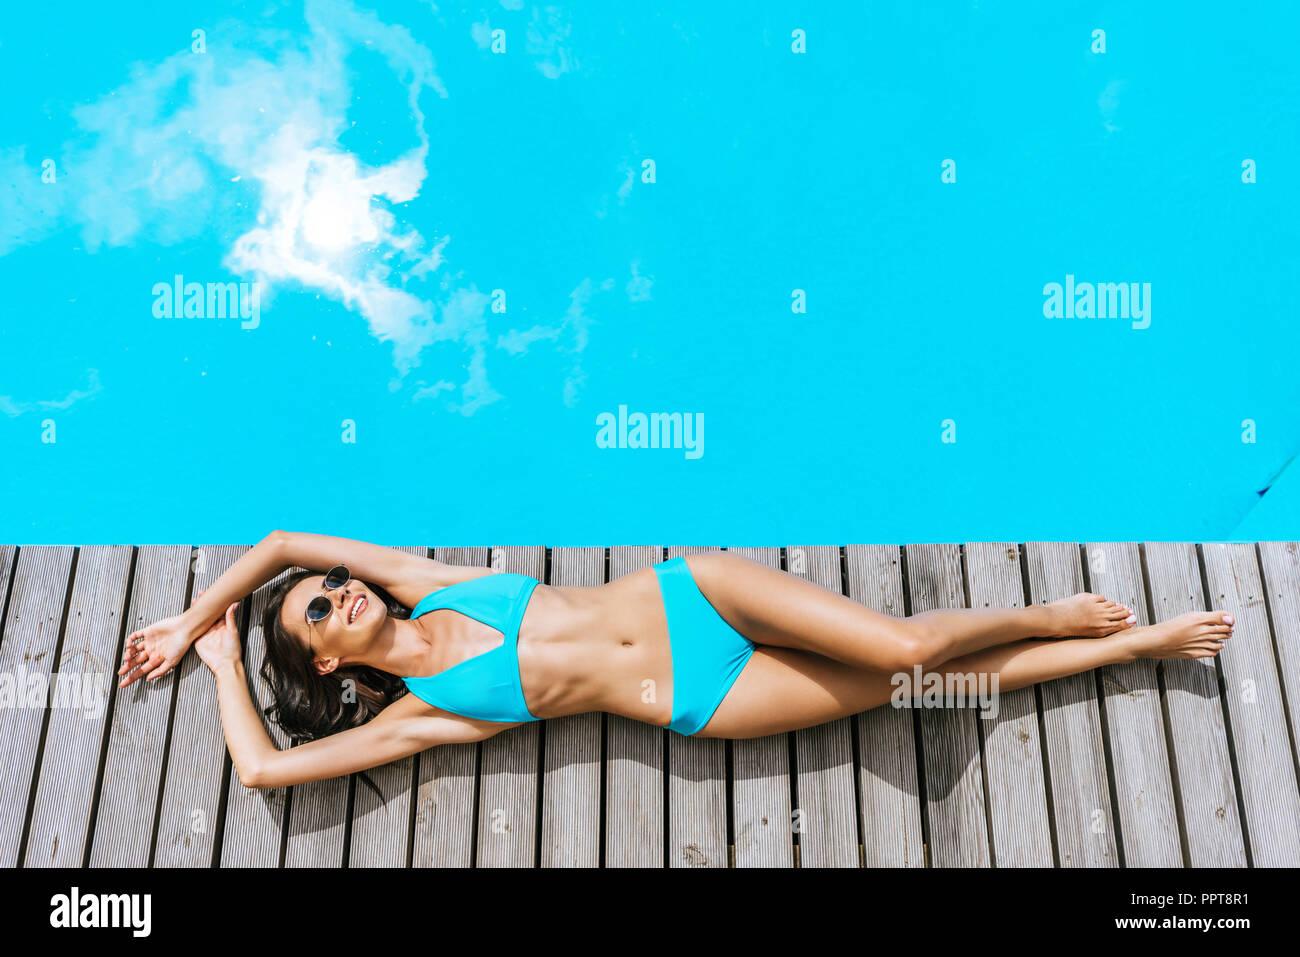 Blick von oben auf die schönen Lächeln brünette Frau im Bikini und Sonnenbrille ruht in der Nähe von Pool Stockbild